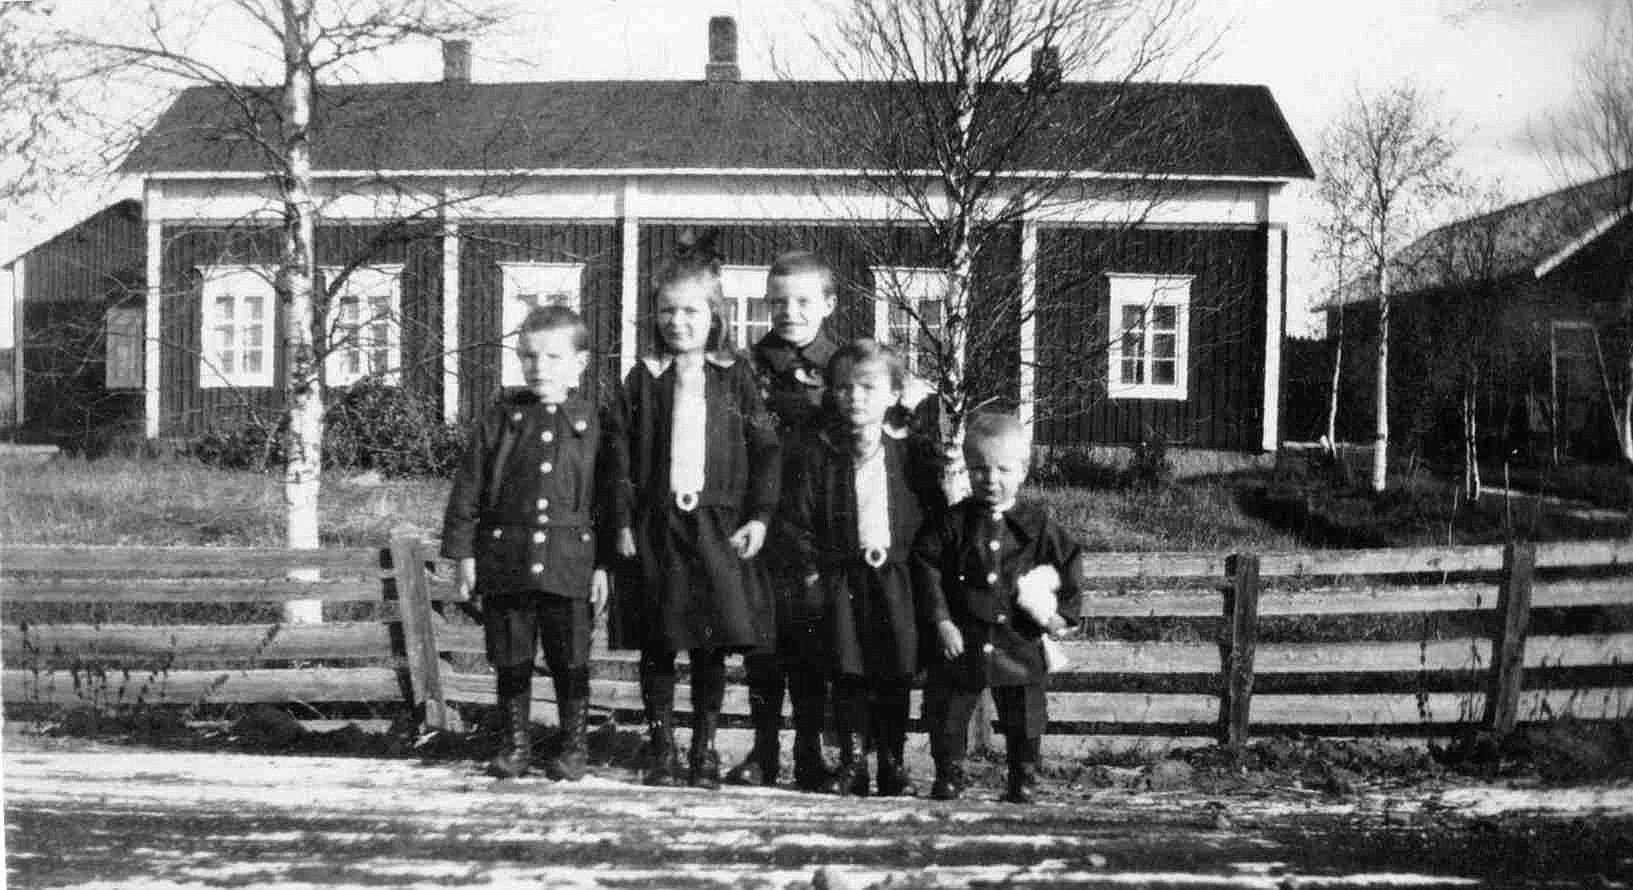 En del av Norrgårds barn på vägen framför deras hem.